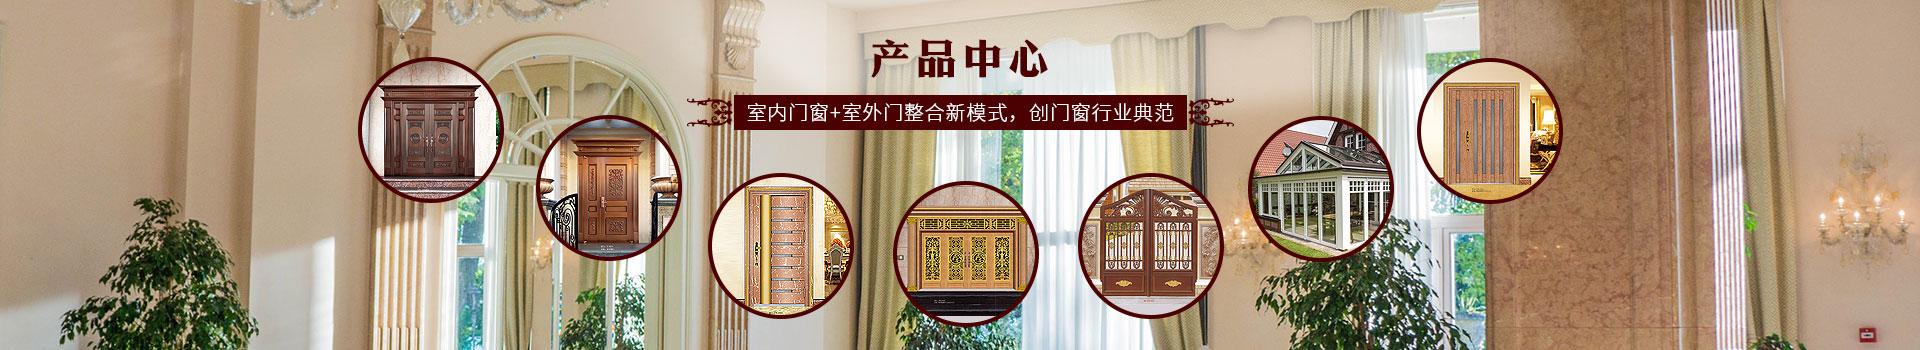 晟王门窗-室内门窗+室外门整合新模式,创门窗行业典范